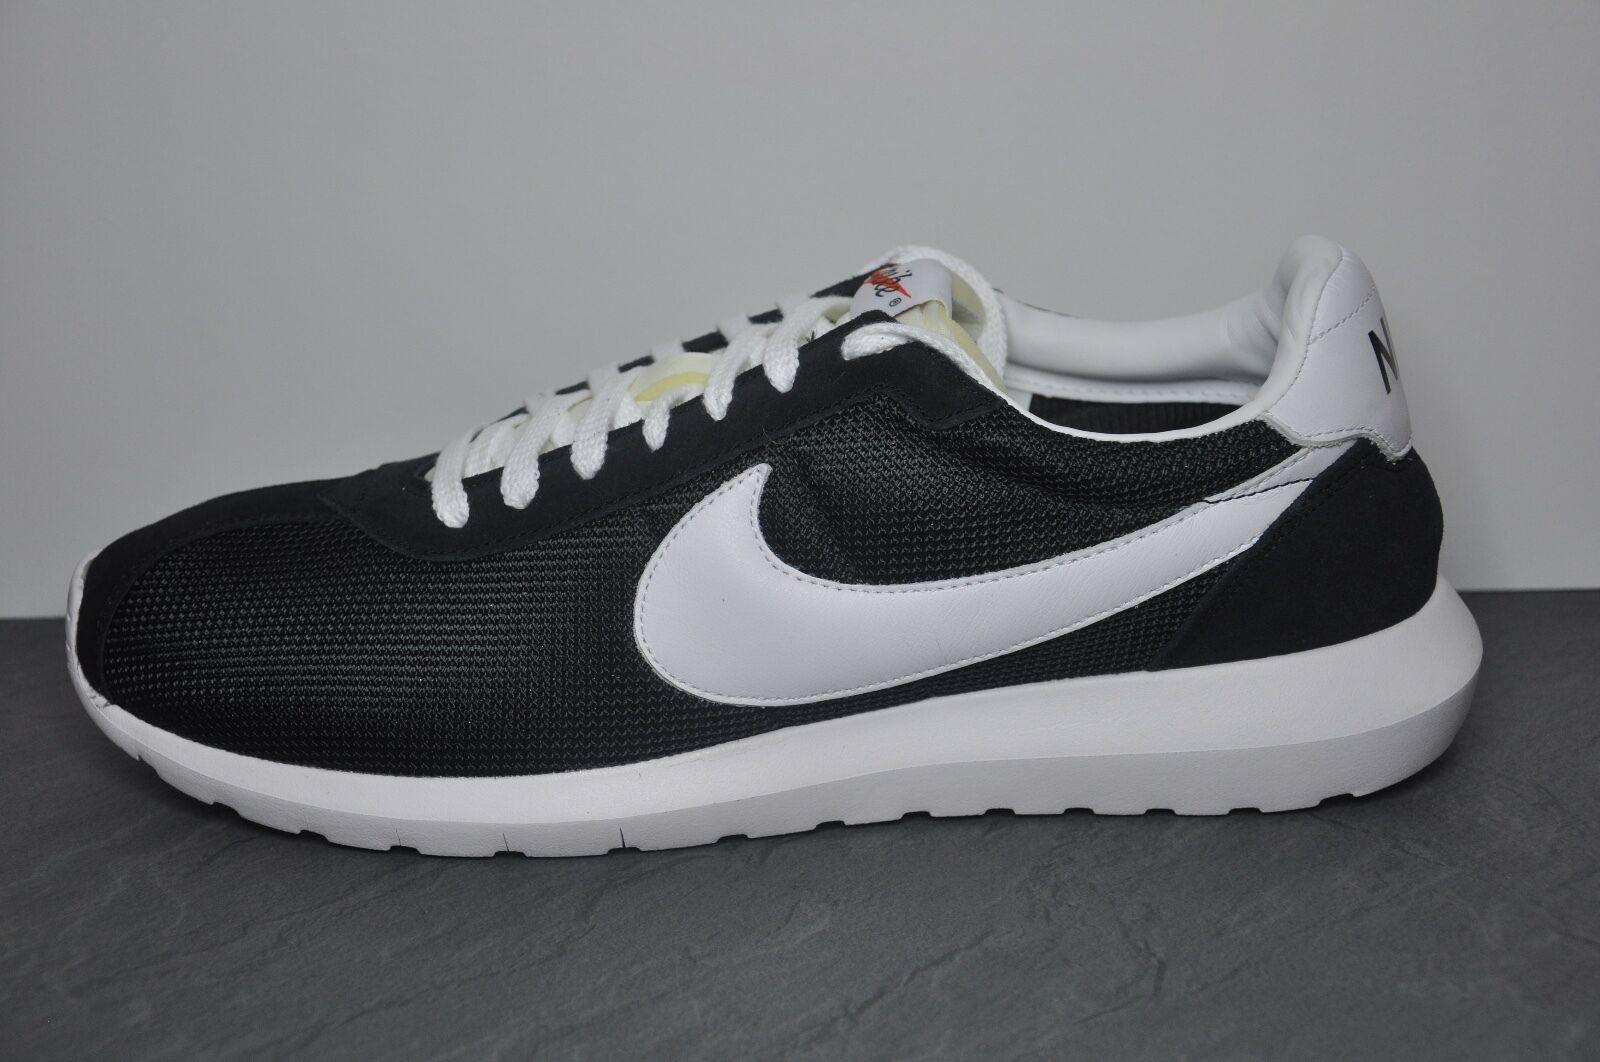 Nike Roshe LD - 1000 QS Noir -